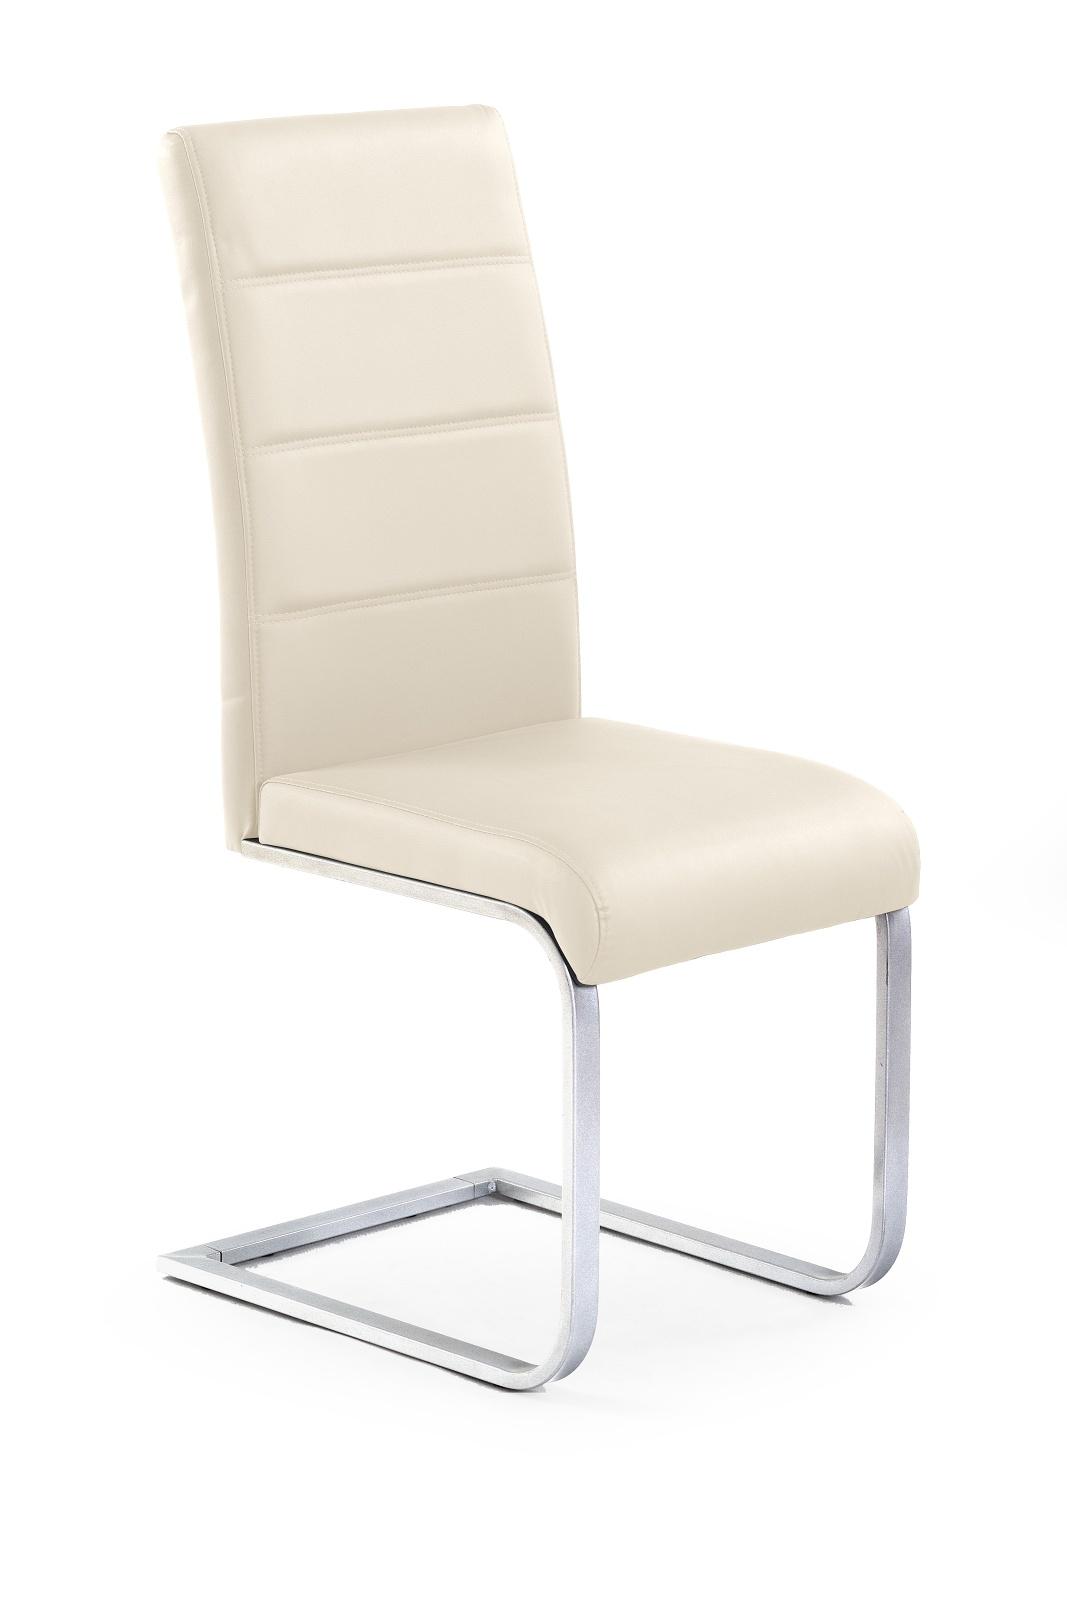 Jídelní židle - Halmar - K85 tmavokrémová